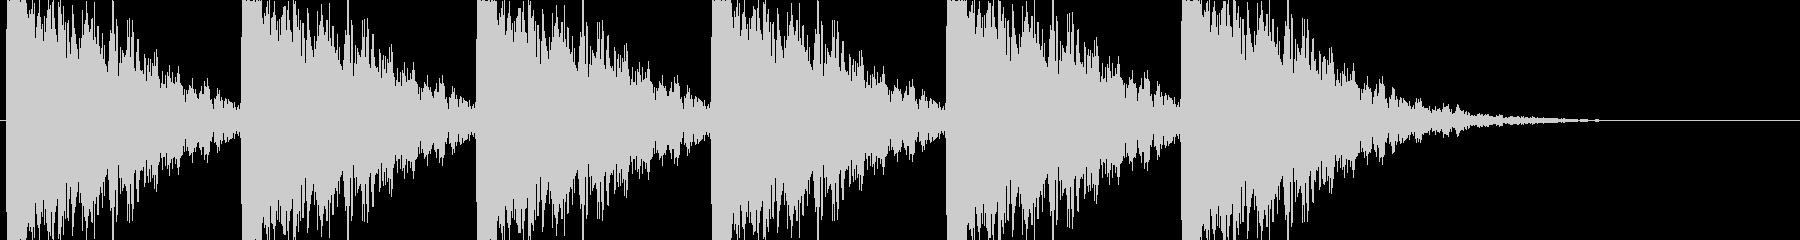 ヒット ガンガン打ち付ける様な音の未再生の波形